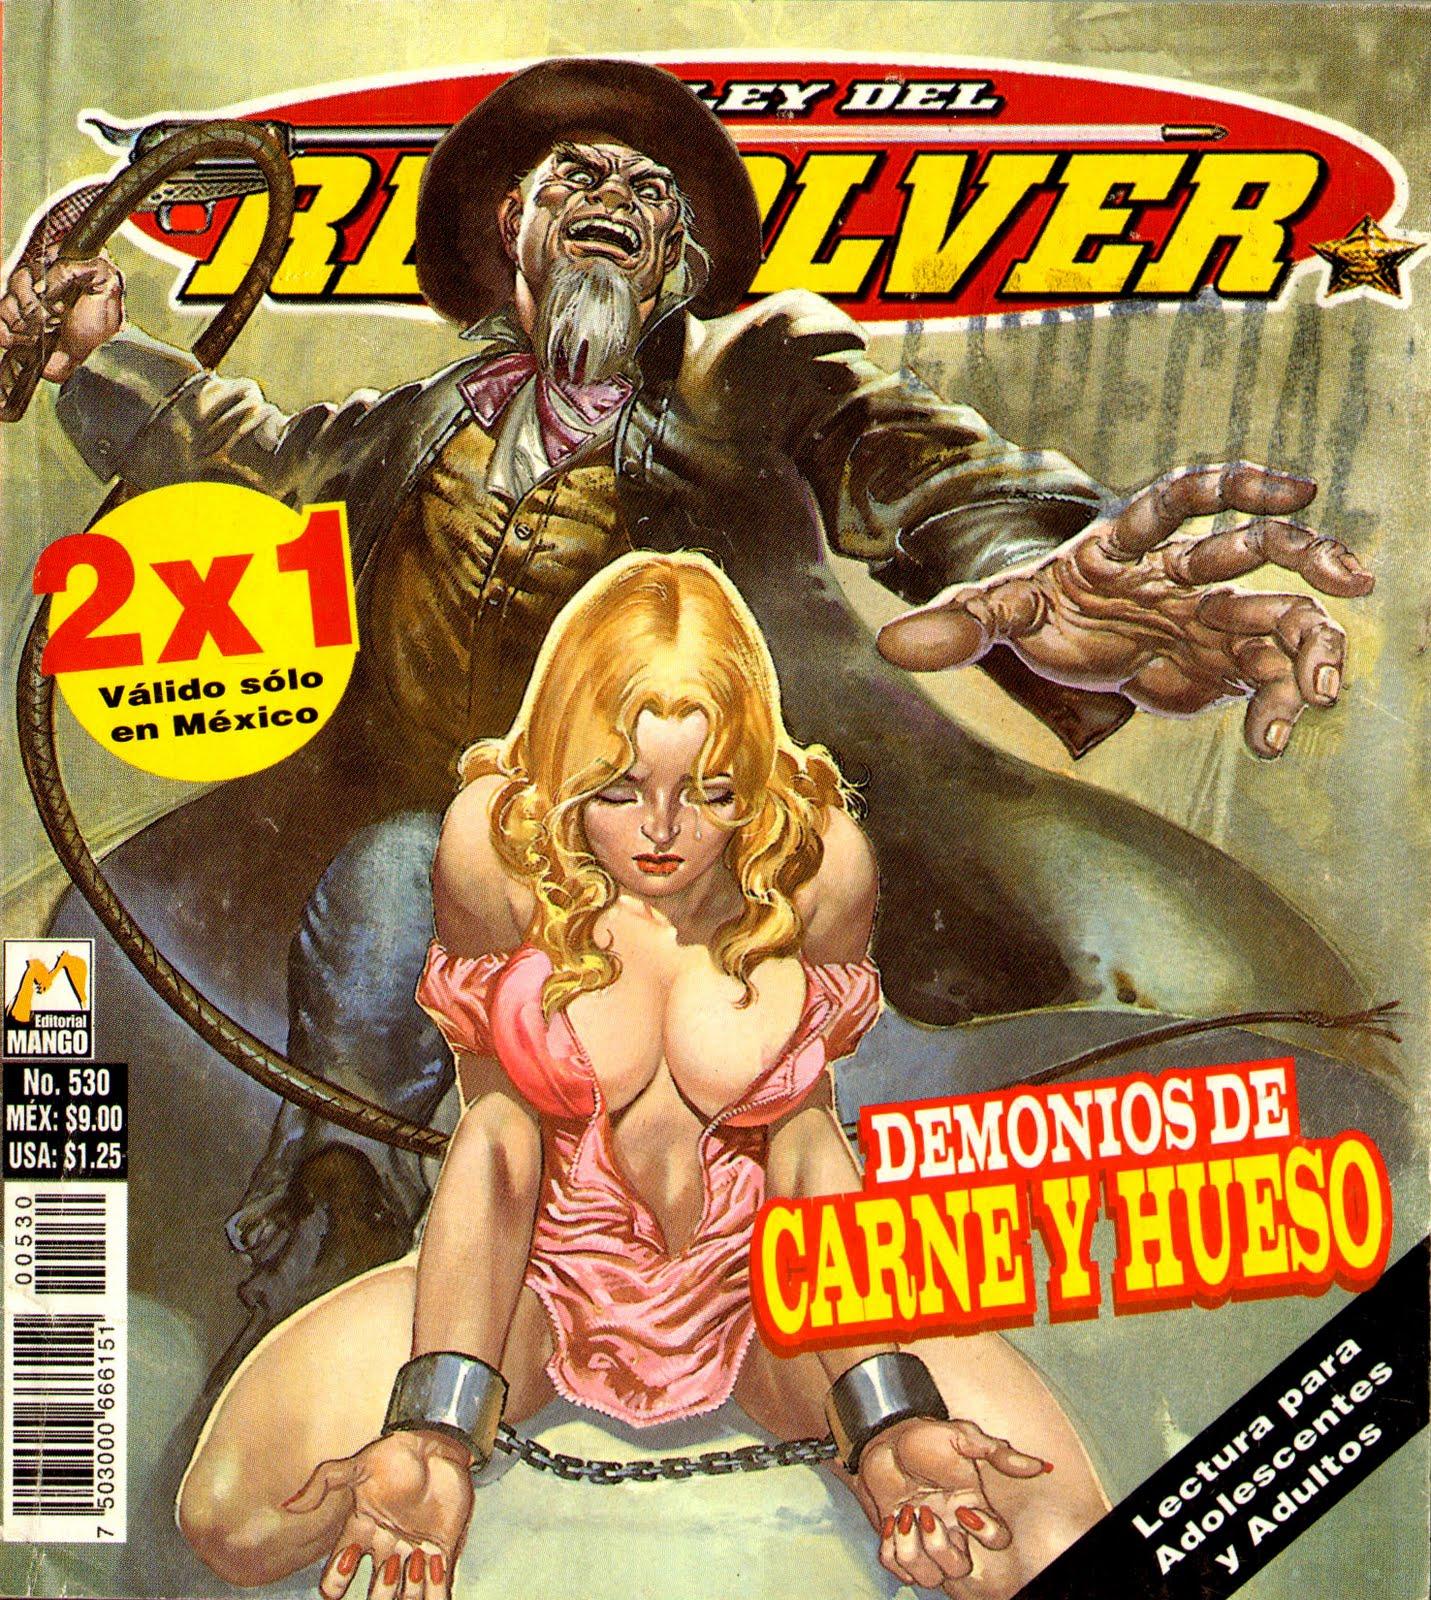 la_ley_del_revolver_no530